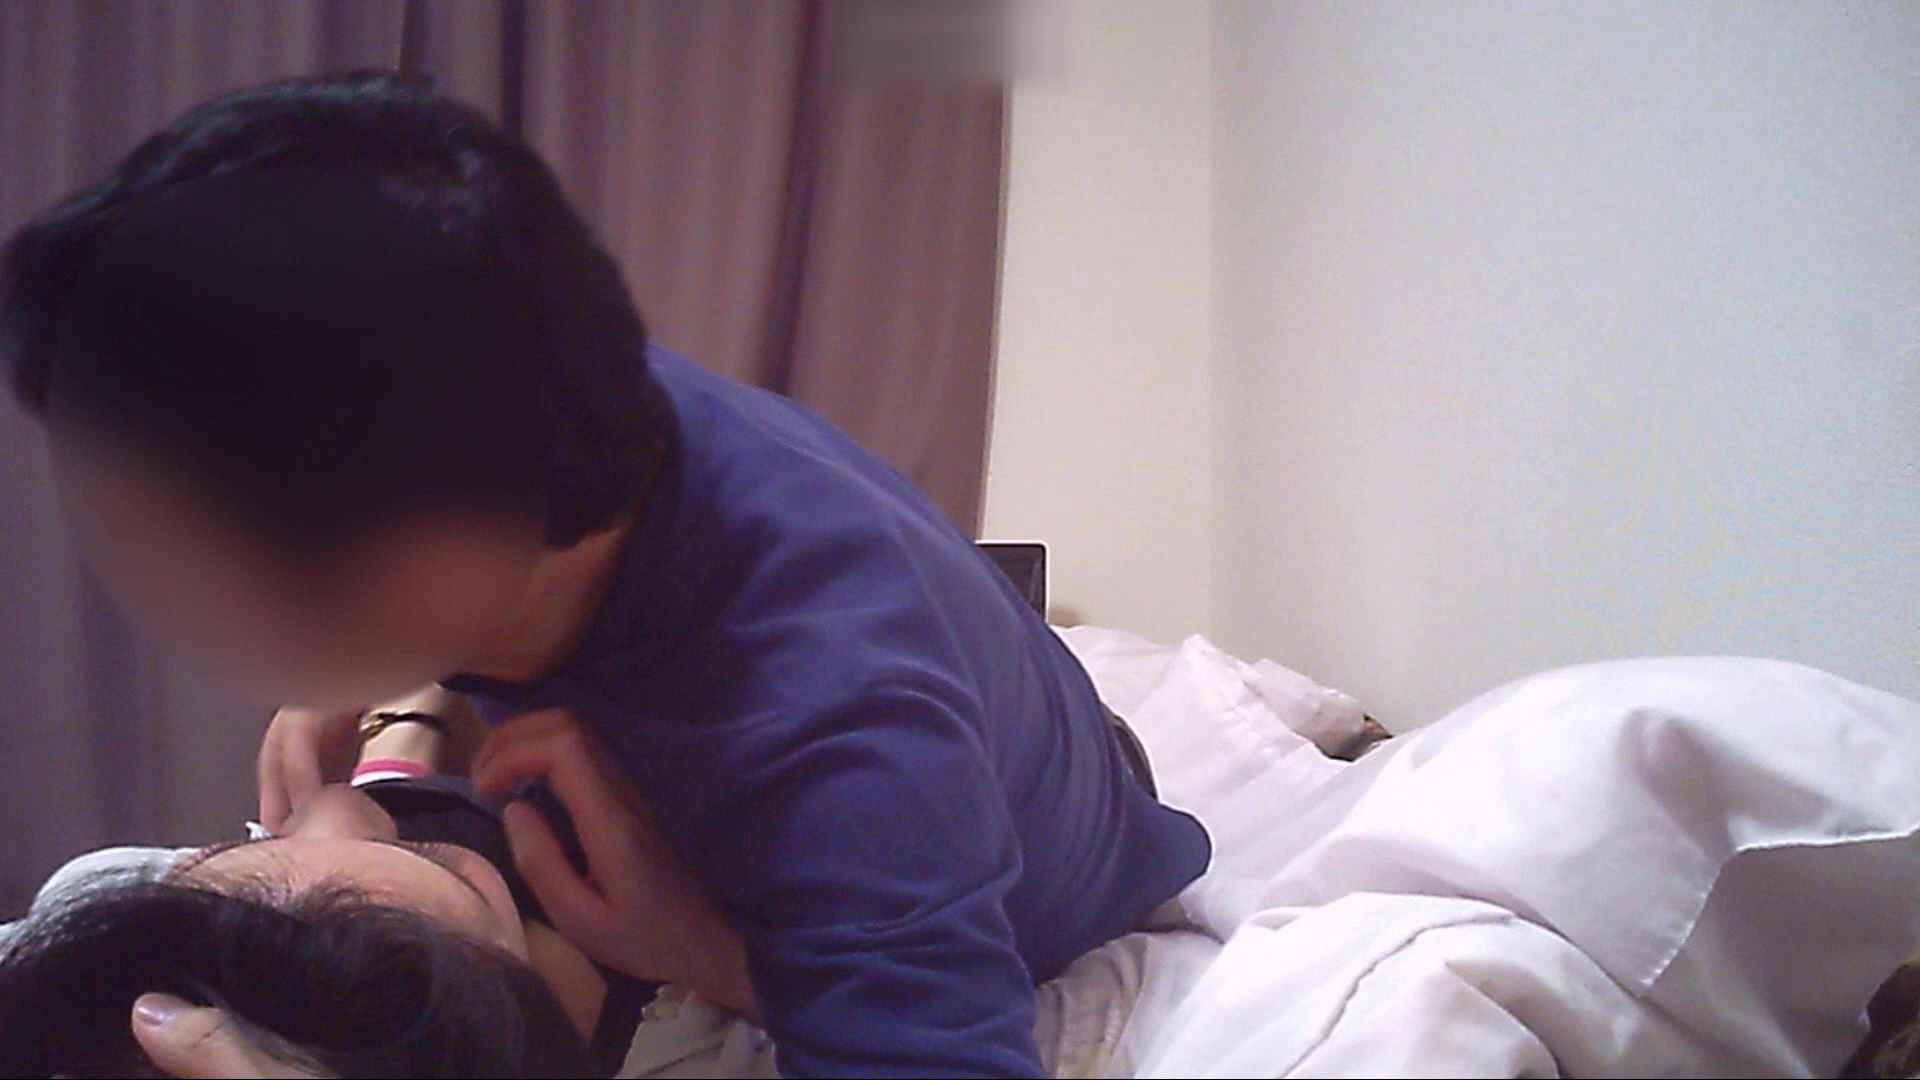 清楚な顔してかなり敏感なE子25歳(仮名)Vol.01 美乳 セックス無修正動画無料 93画像 4